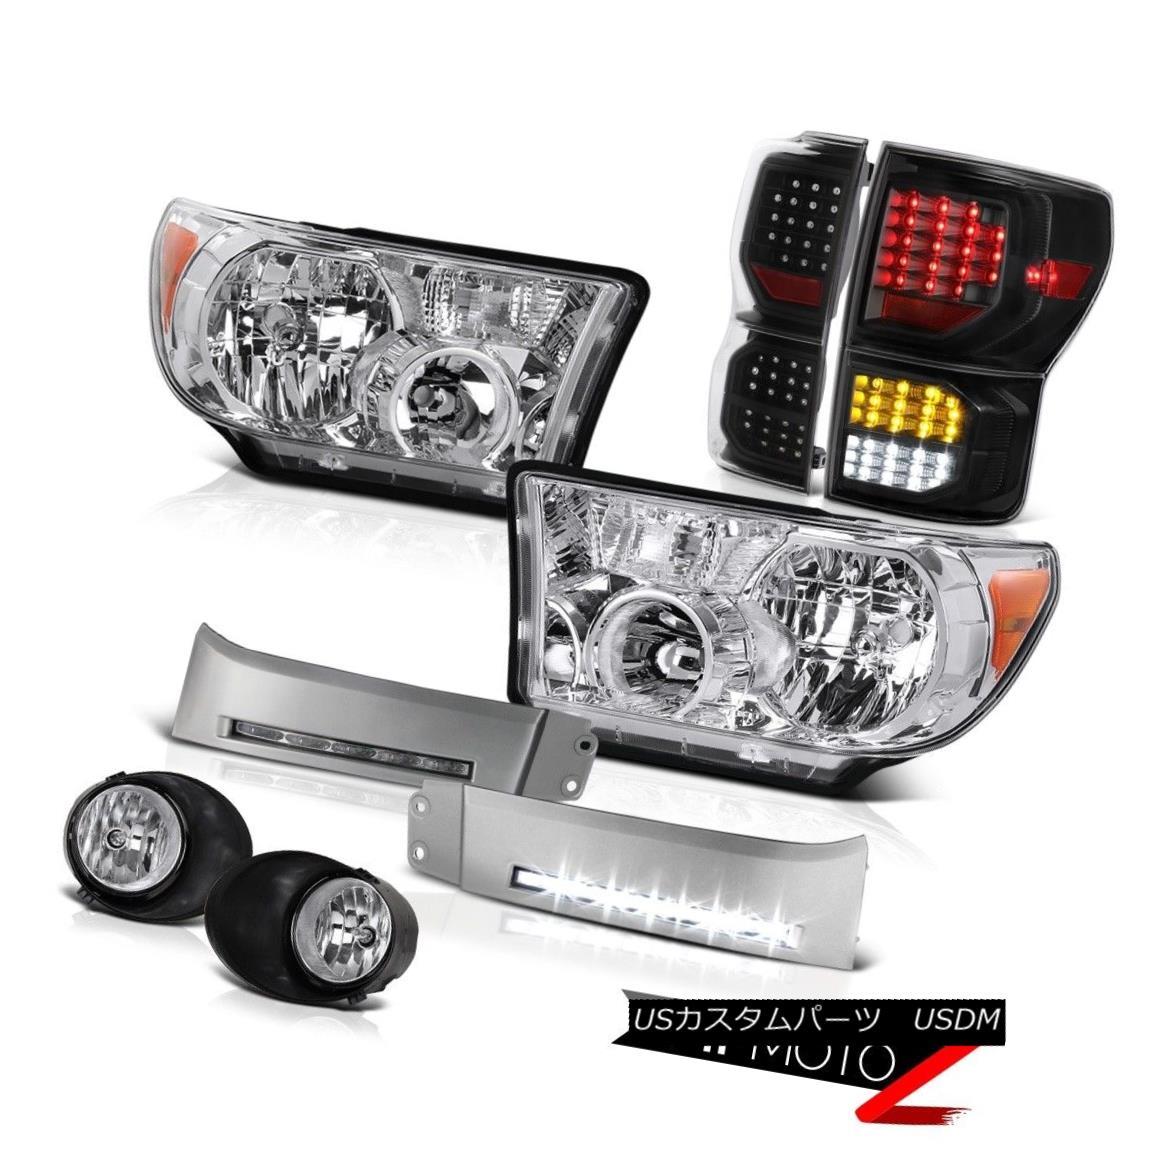 ヘッドライト 2007-2013 Toyota Tundra SR5 Taillamps Headlamps Bumper DRL Foglights Assembly 2007年?2013年トヨタ・トンドラSR5テールランプ・ヘッドランプバンパーDRLフォグライト・アセンブリ